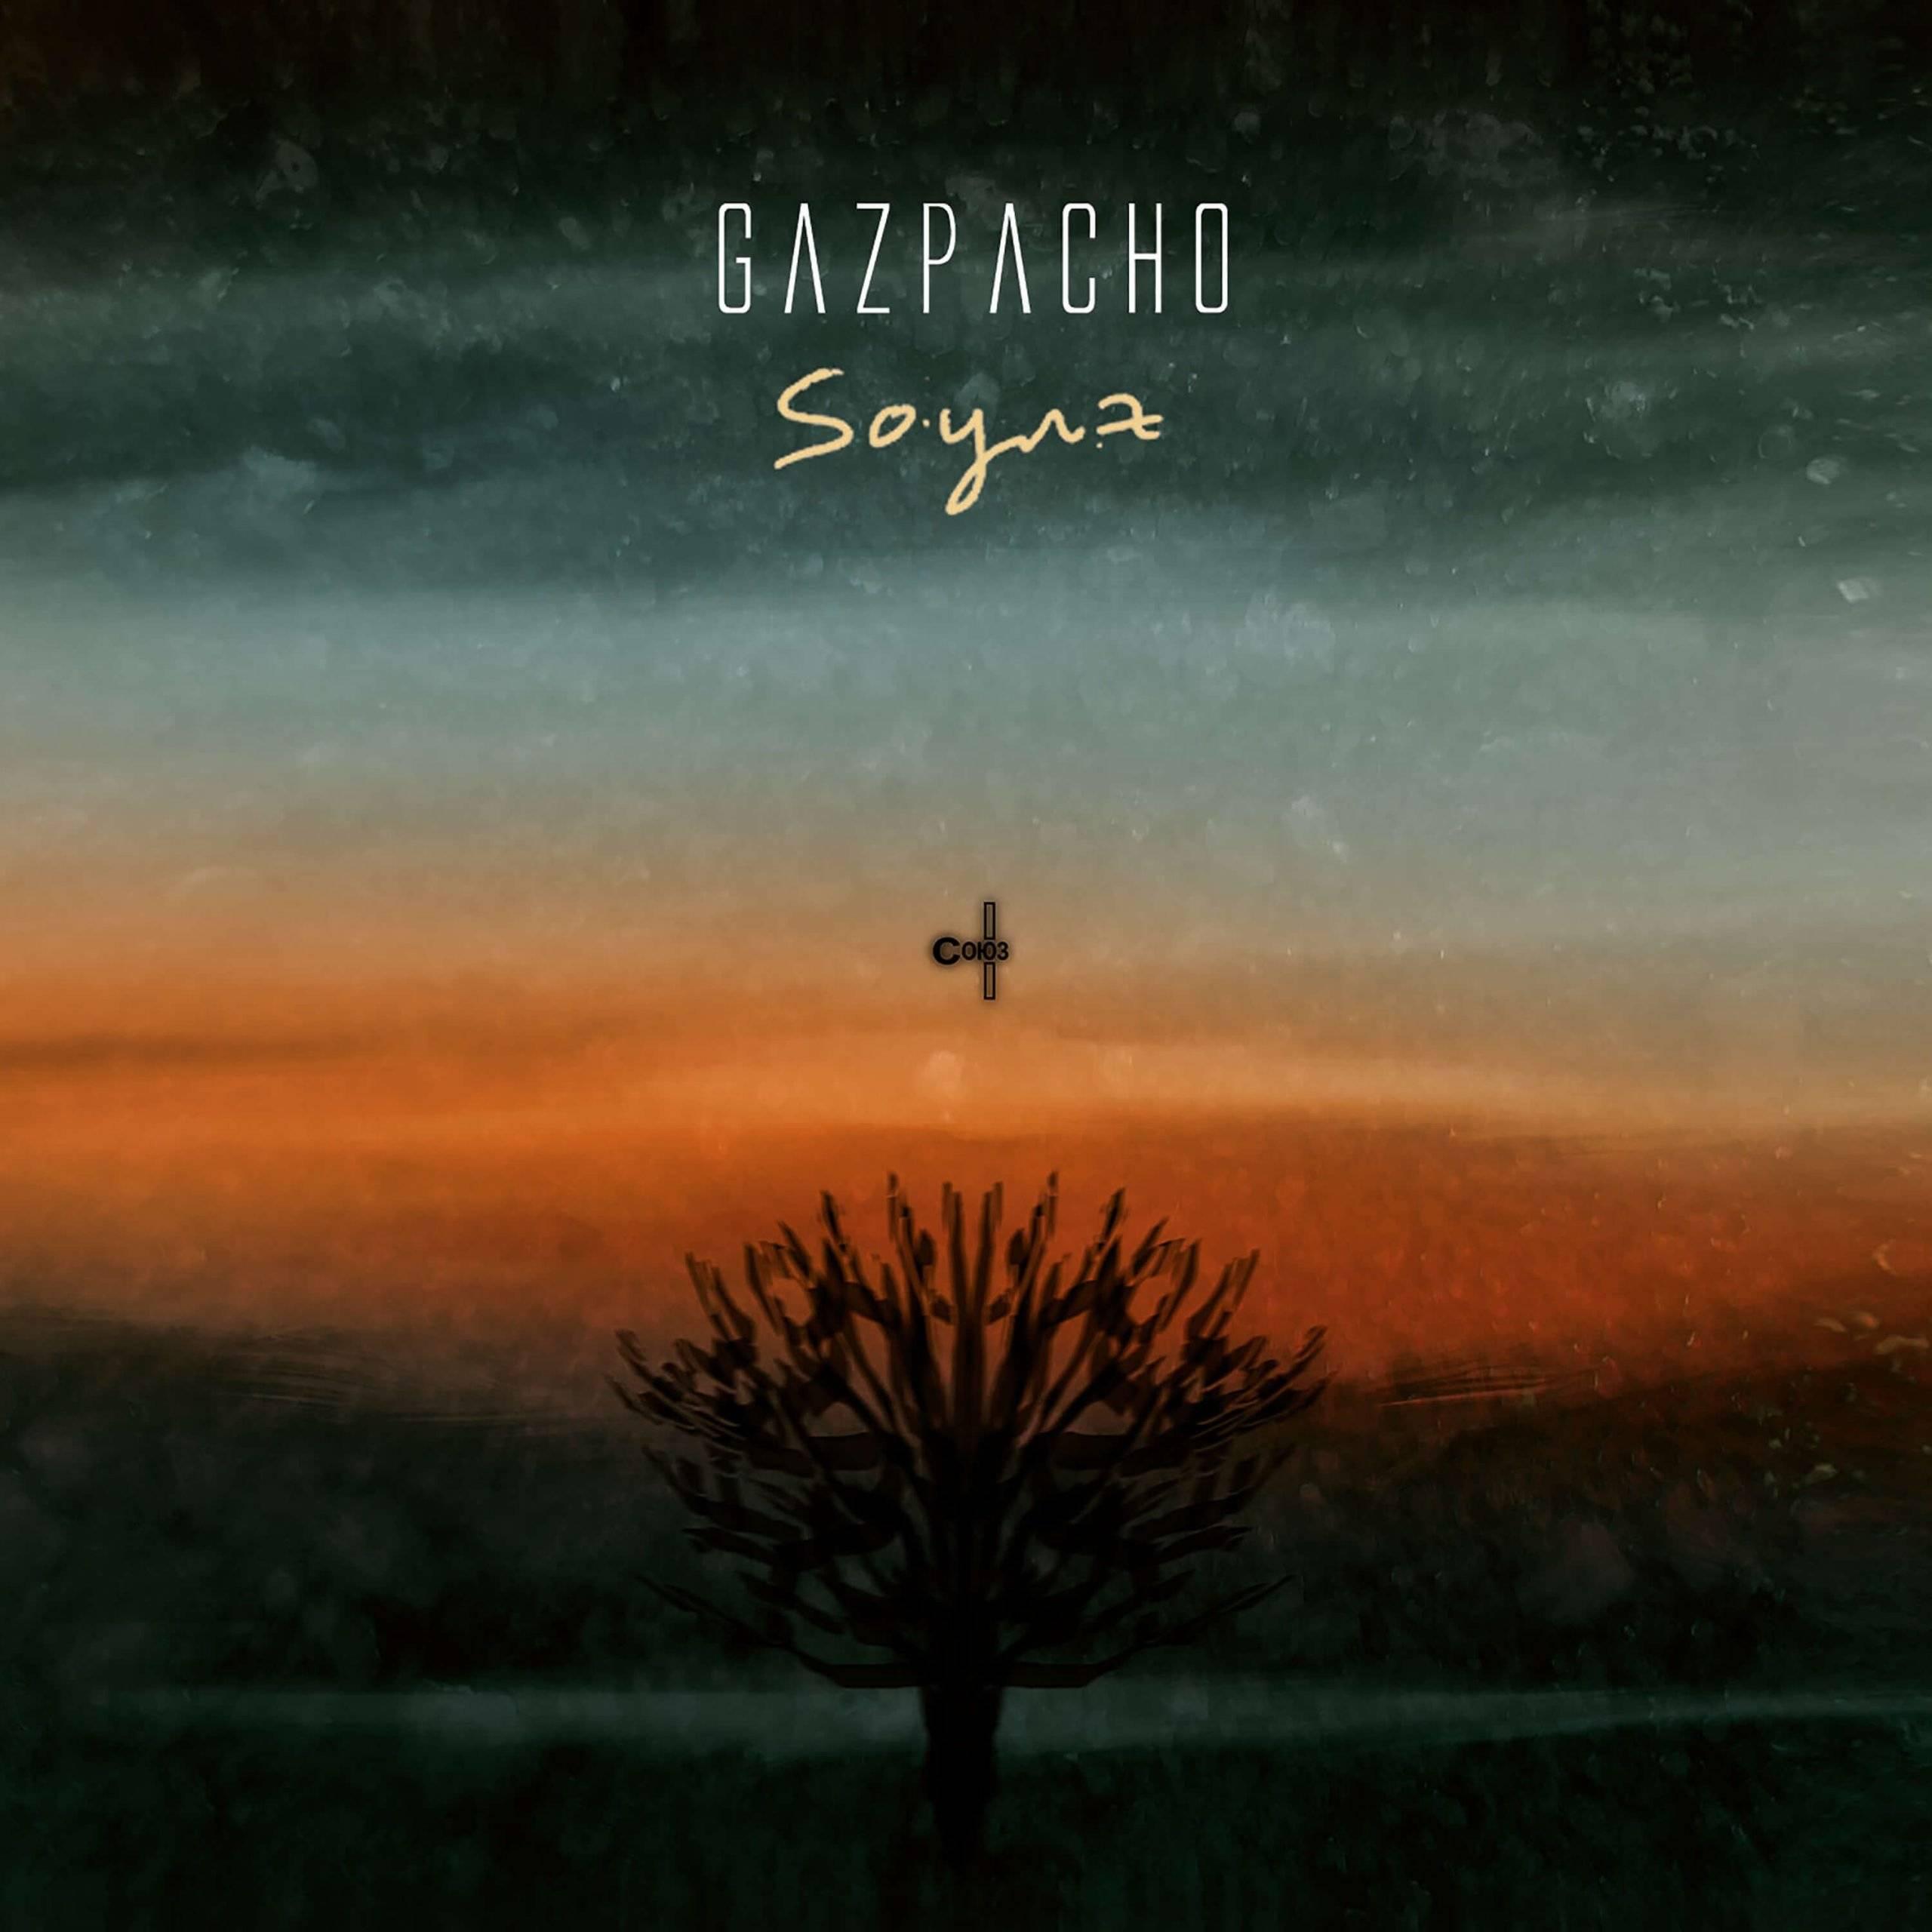 Gazpacho – Soyuz